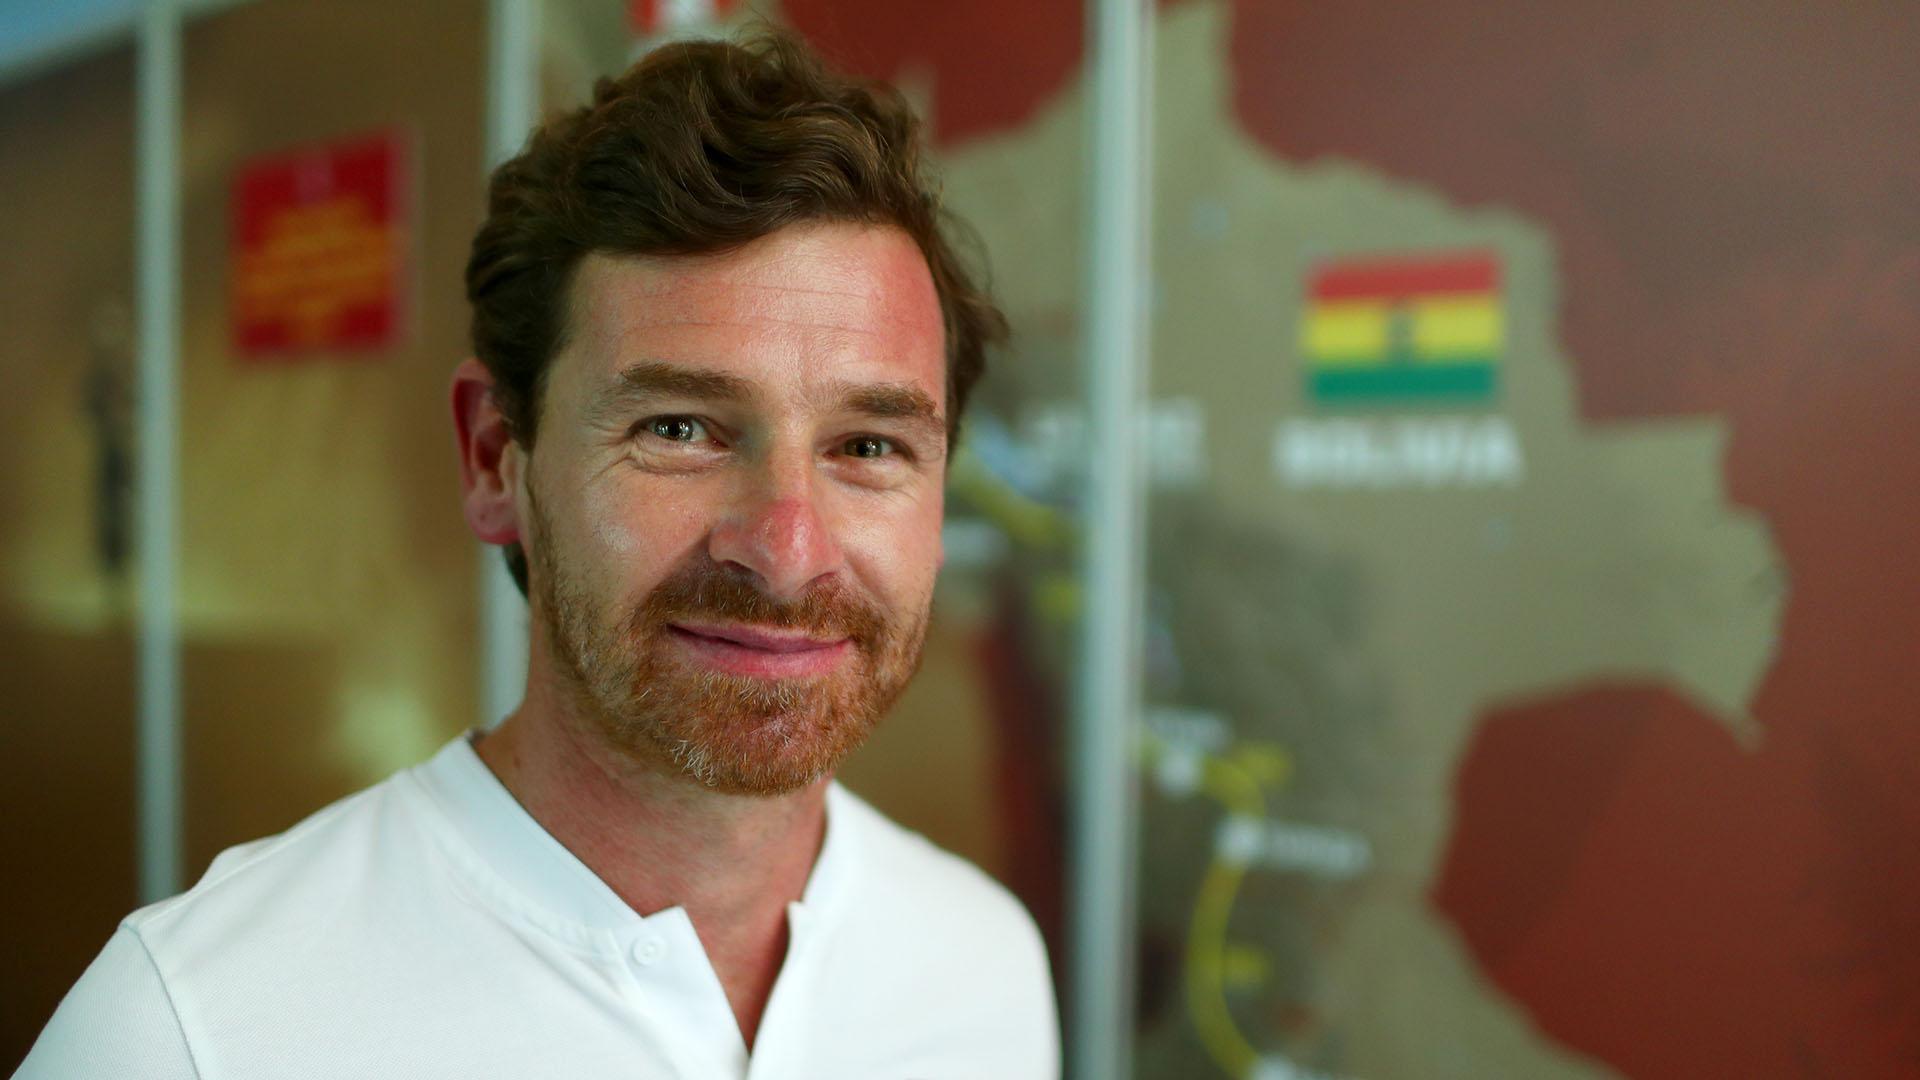 André Villas-Boas, ex DT del Chelsea, abandonó el Dakar tras un accidente en la cuarta etapa (Getty Images)